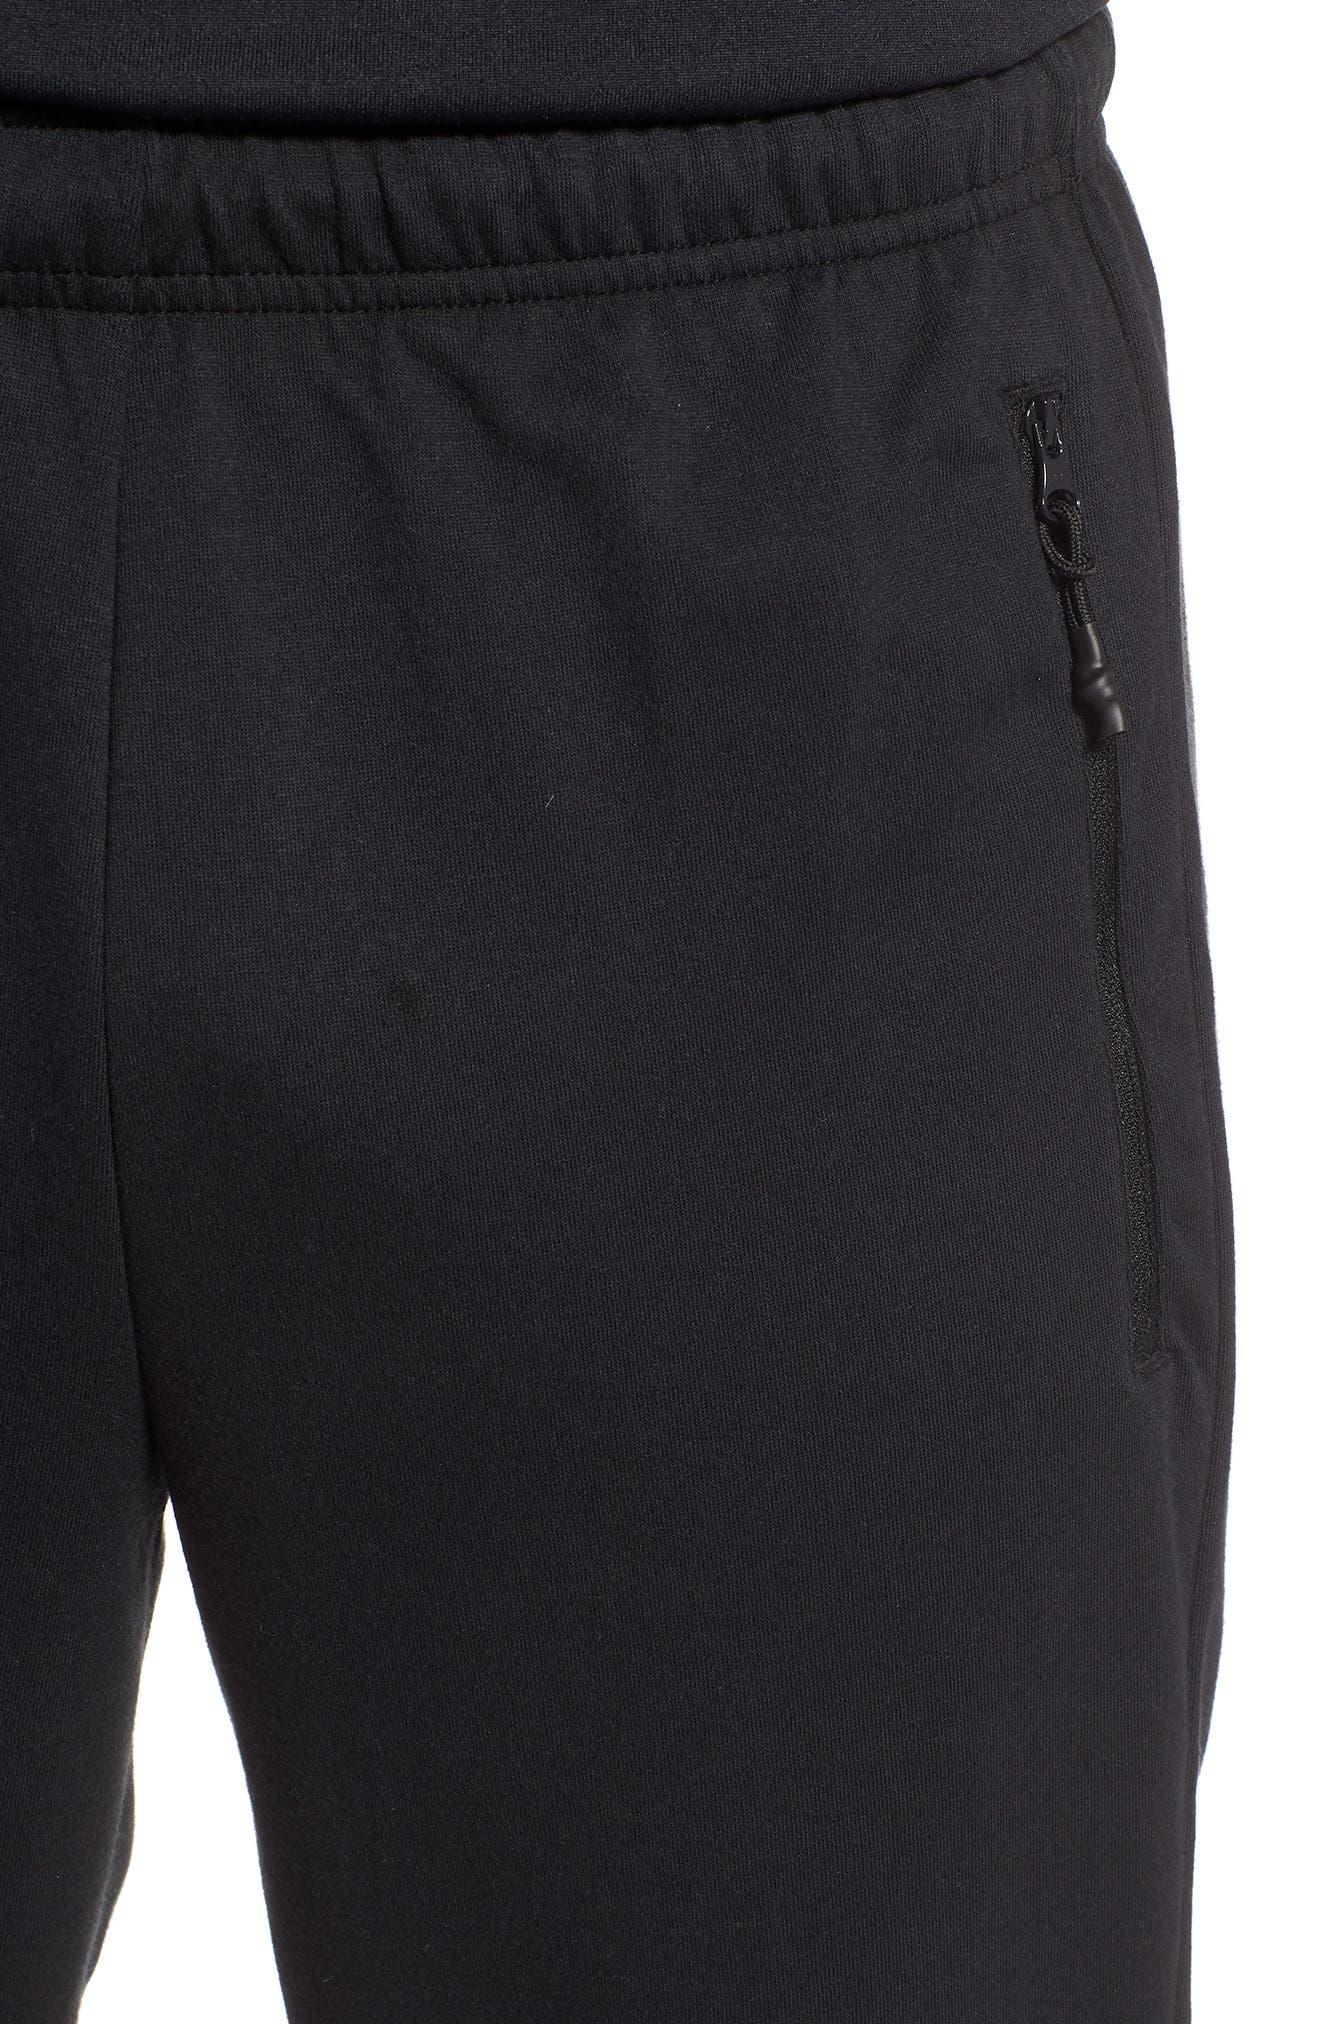 3-Stripes Track Pants,                             Alternate thumbnail 4, color,                             BLACK